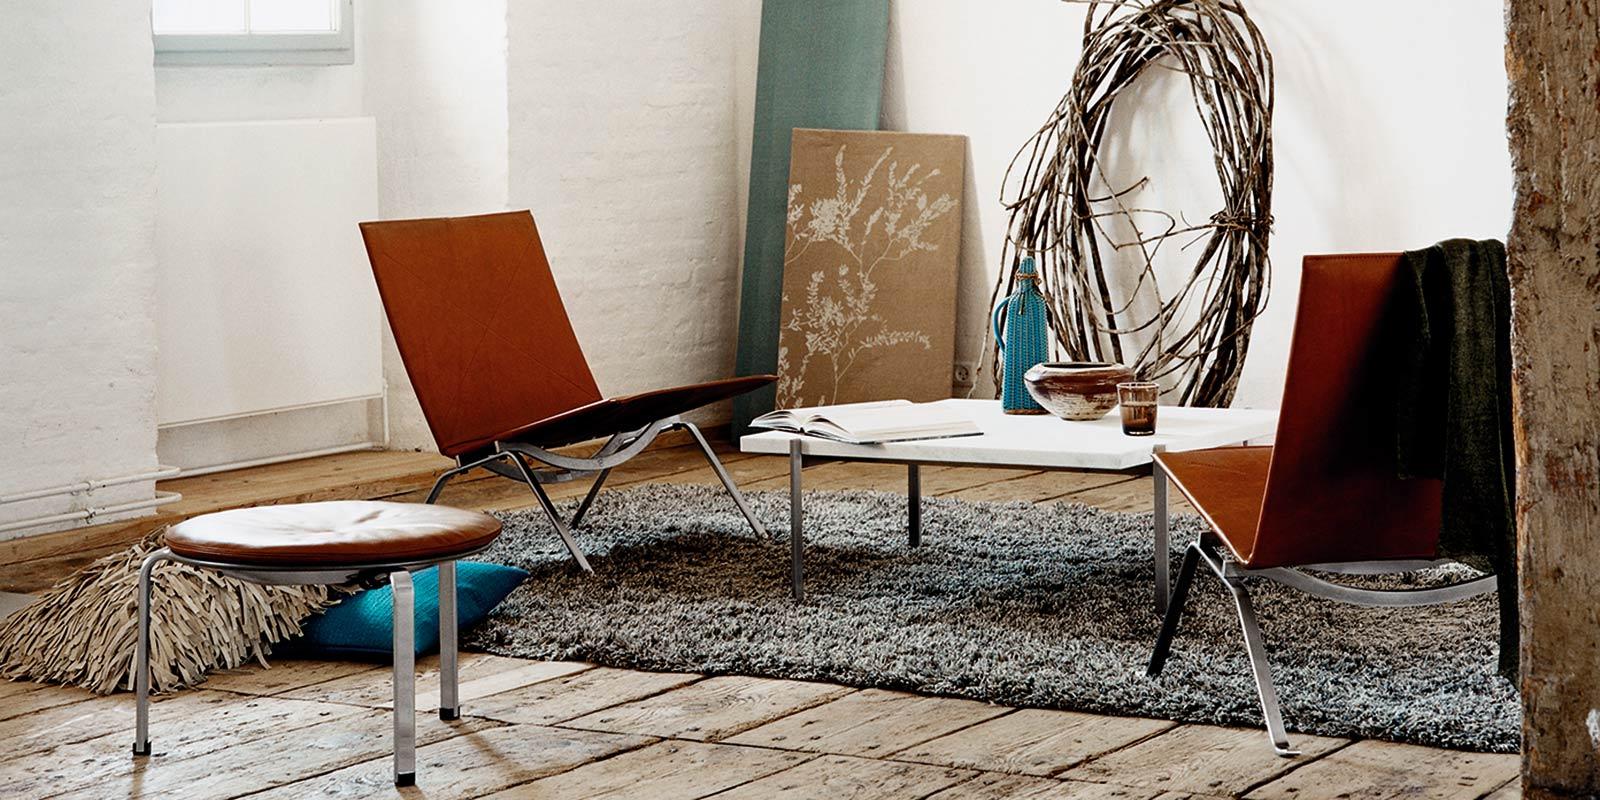 Miljøbilde av PK 22 loungestol